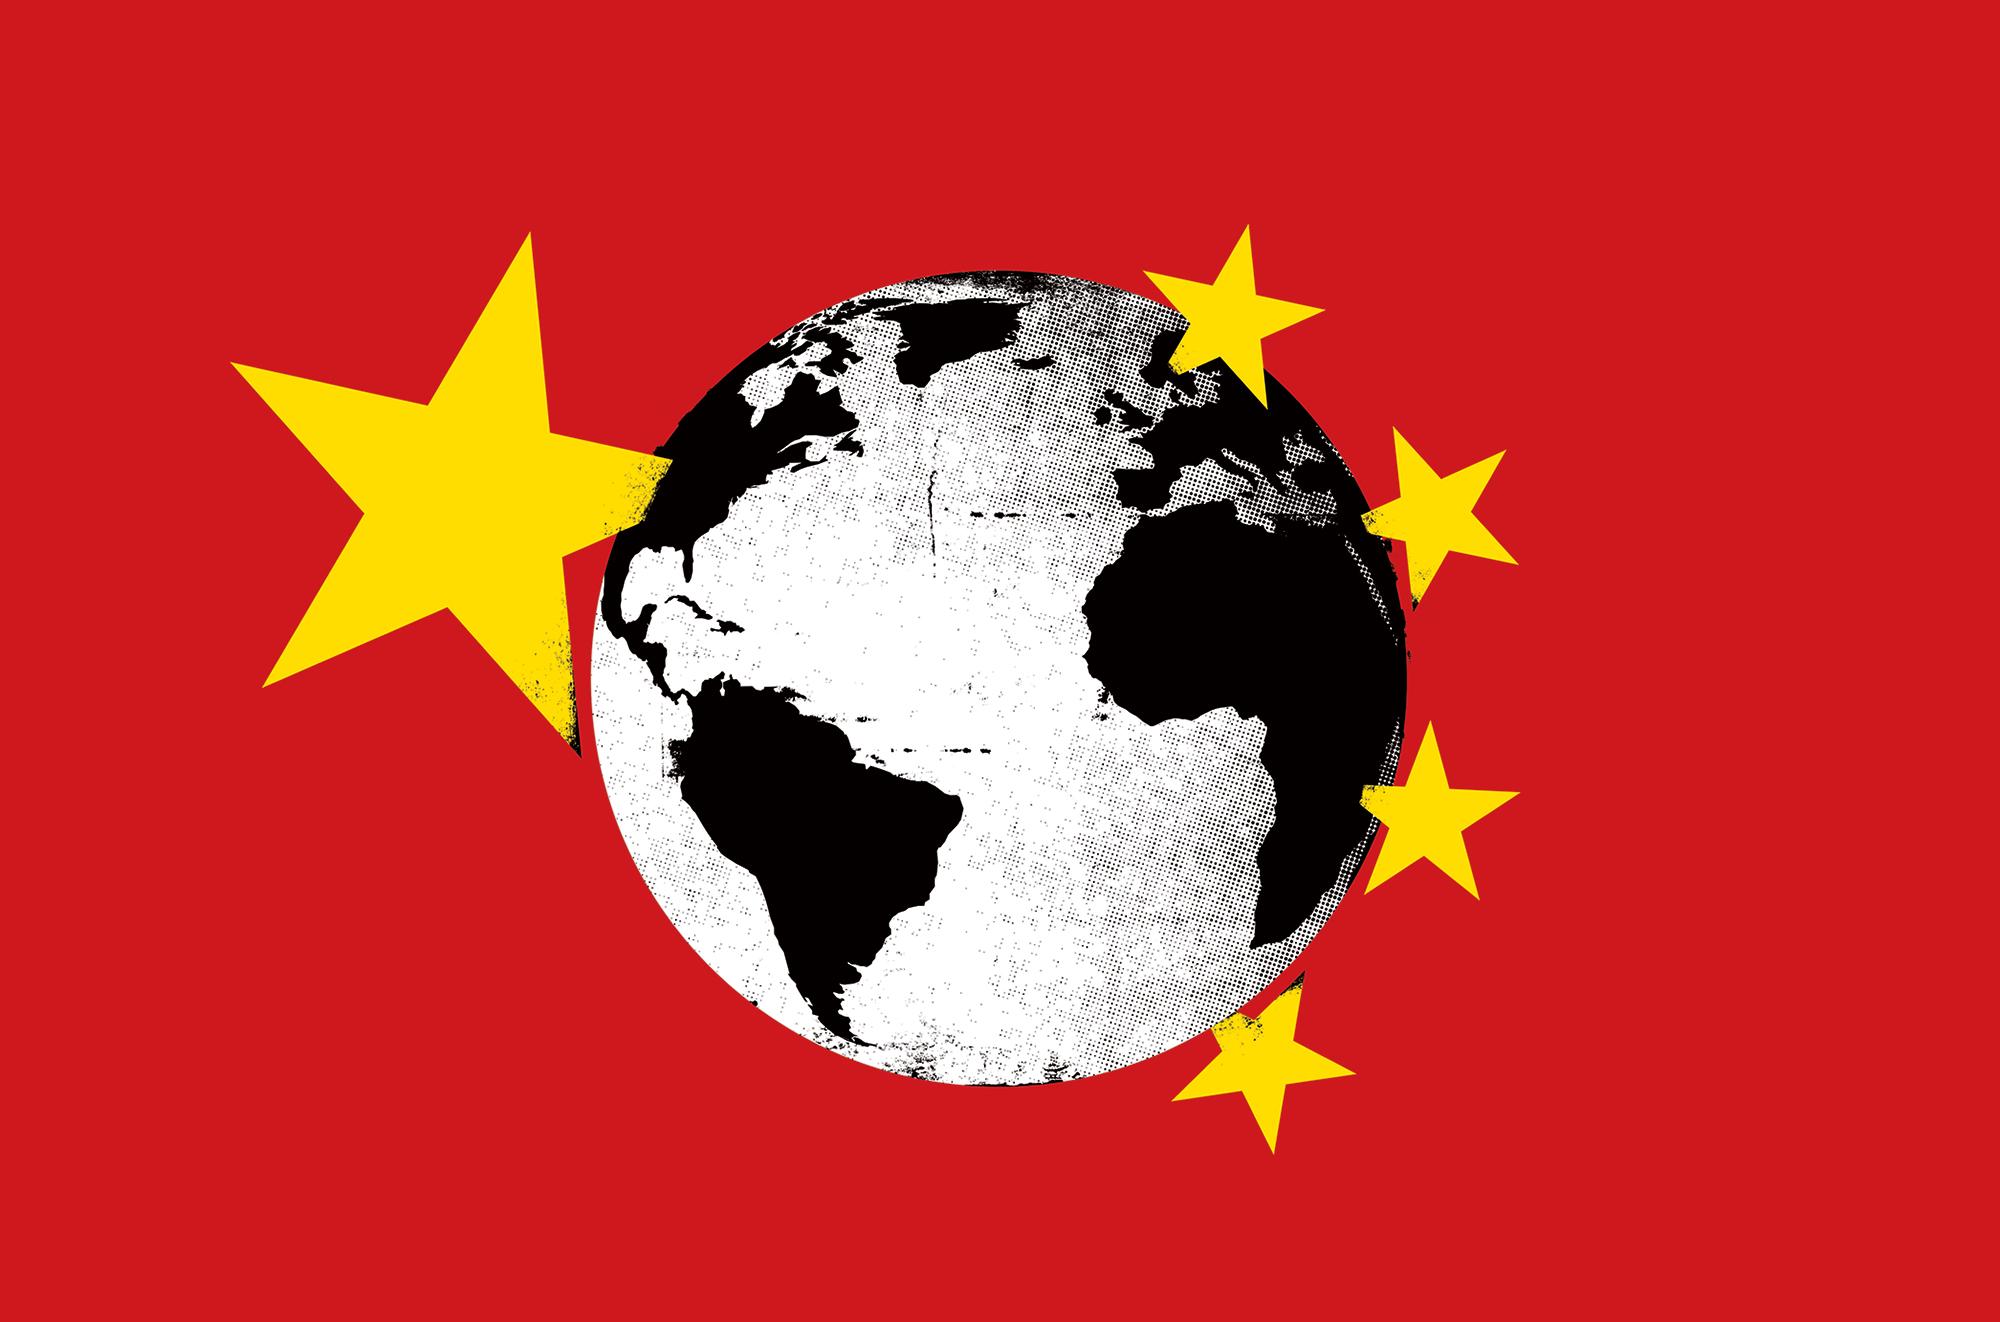 Sharp Power – China's Global Influence